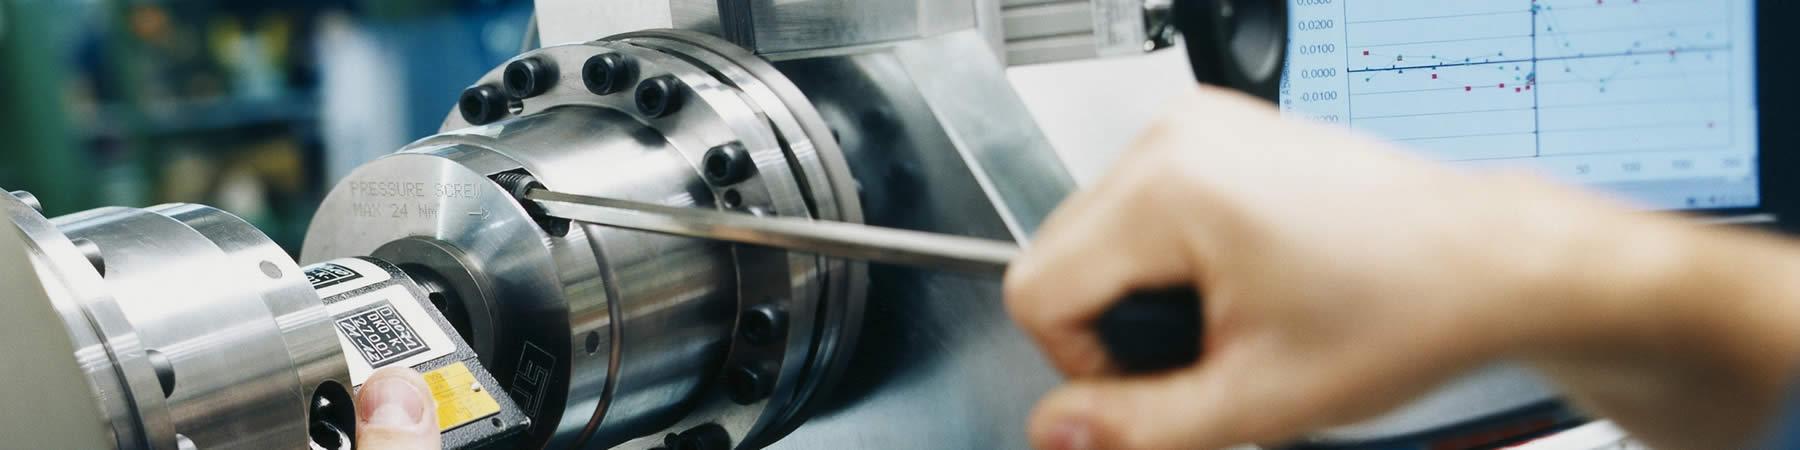 Vendita Compressori Trento - Cerco Compressore Atlas Copco Trento